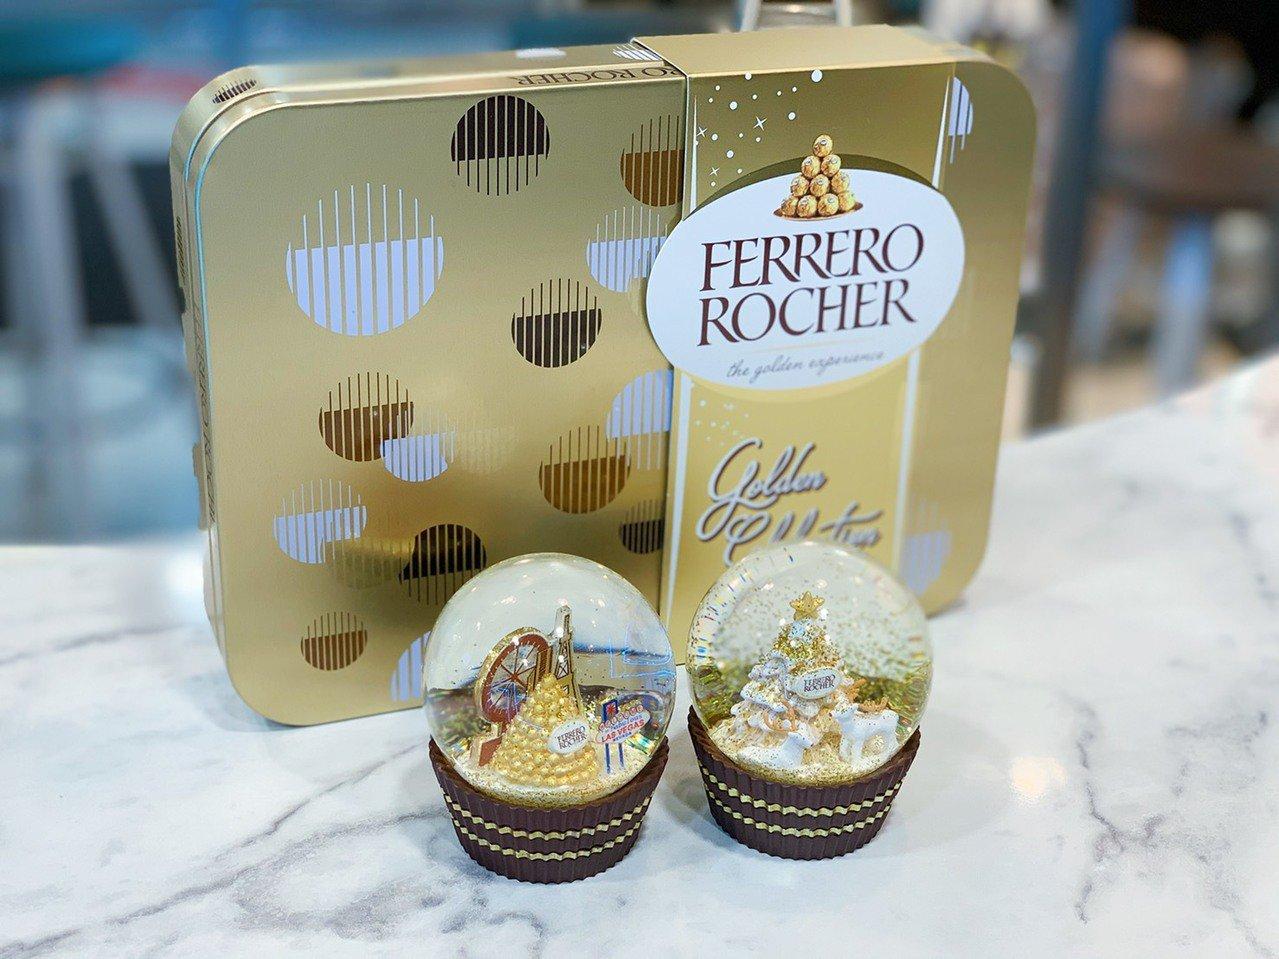 今年「金莎聖誕水晶球」推出2款限定商品,吸引粉絲搶購。記者徐力剛/攝影